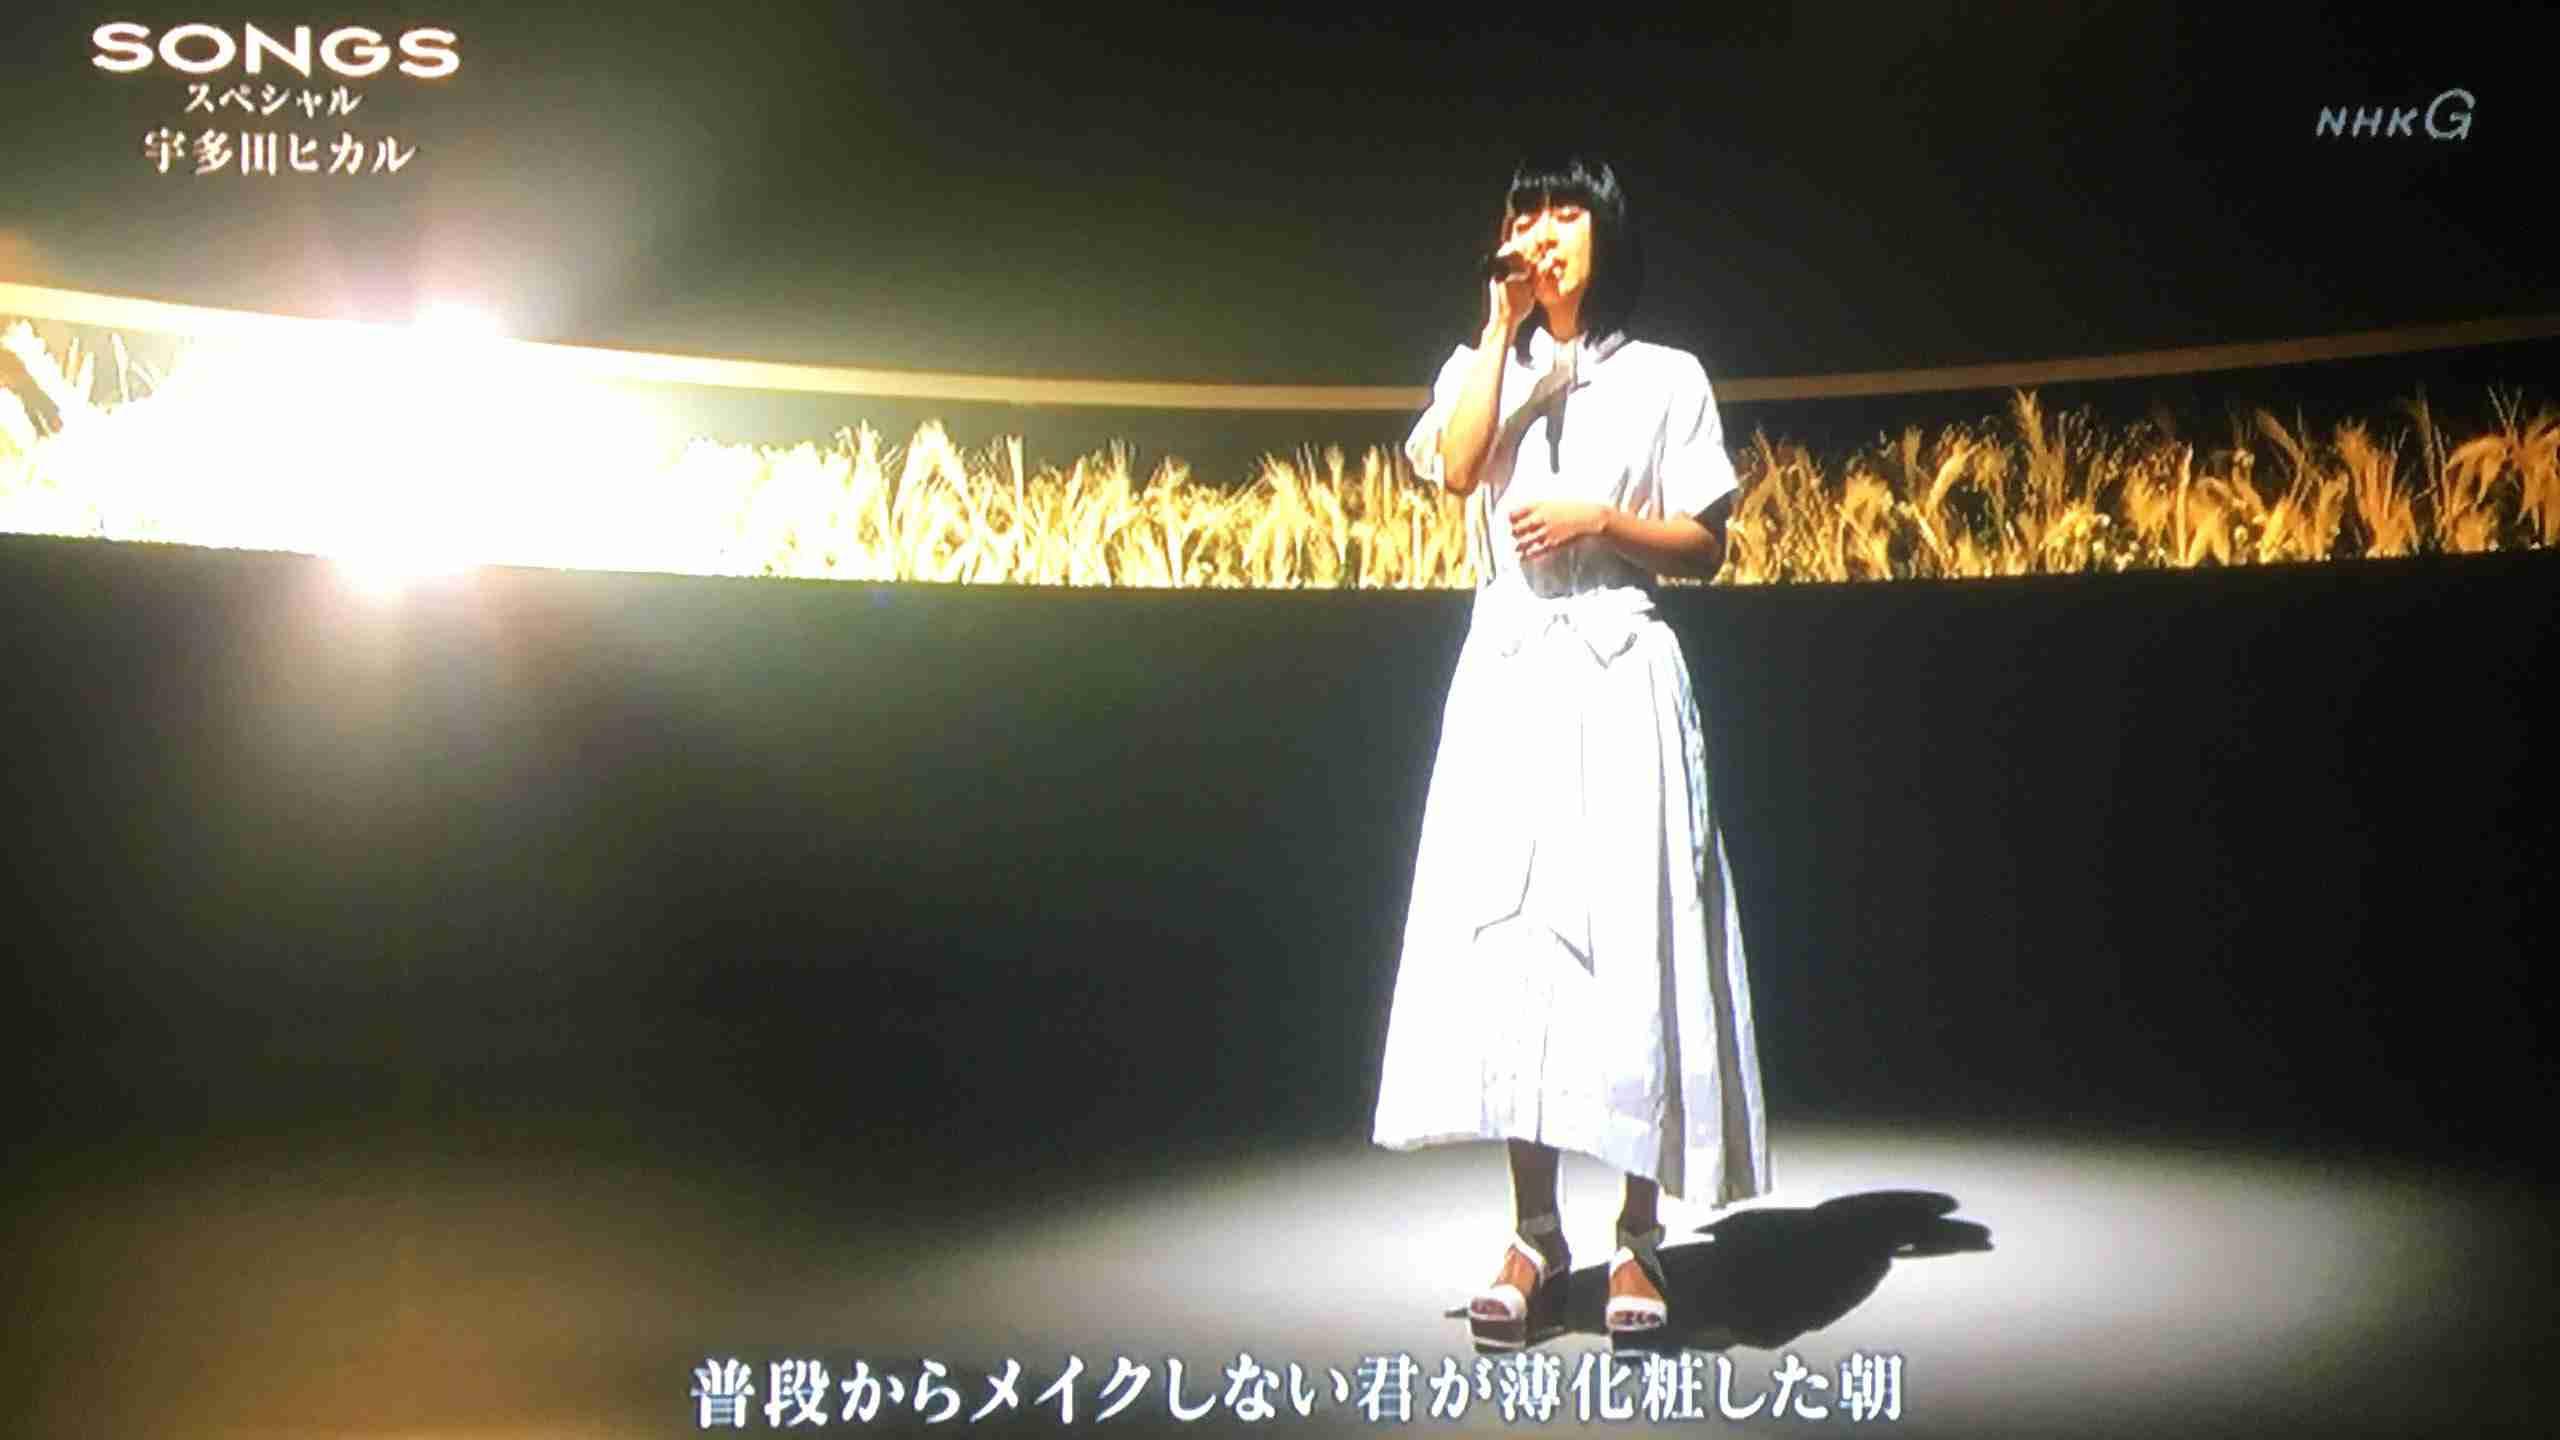 宇多田ヒカル、初紅白へ!「とと姉ちゃん」主題歌が縁…VTR出演前提に最終交渉